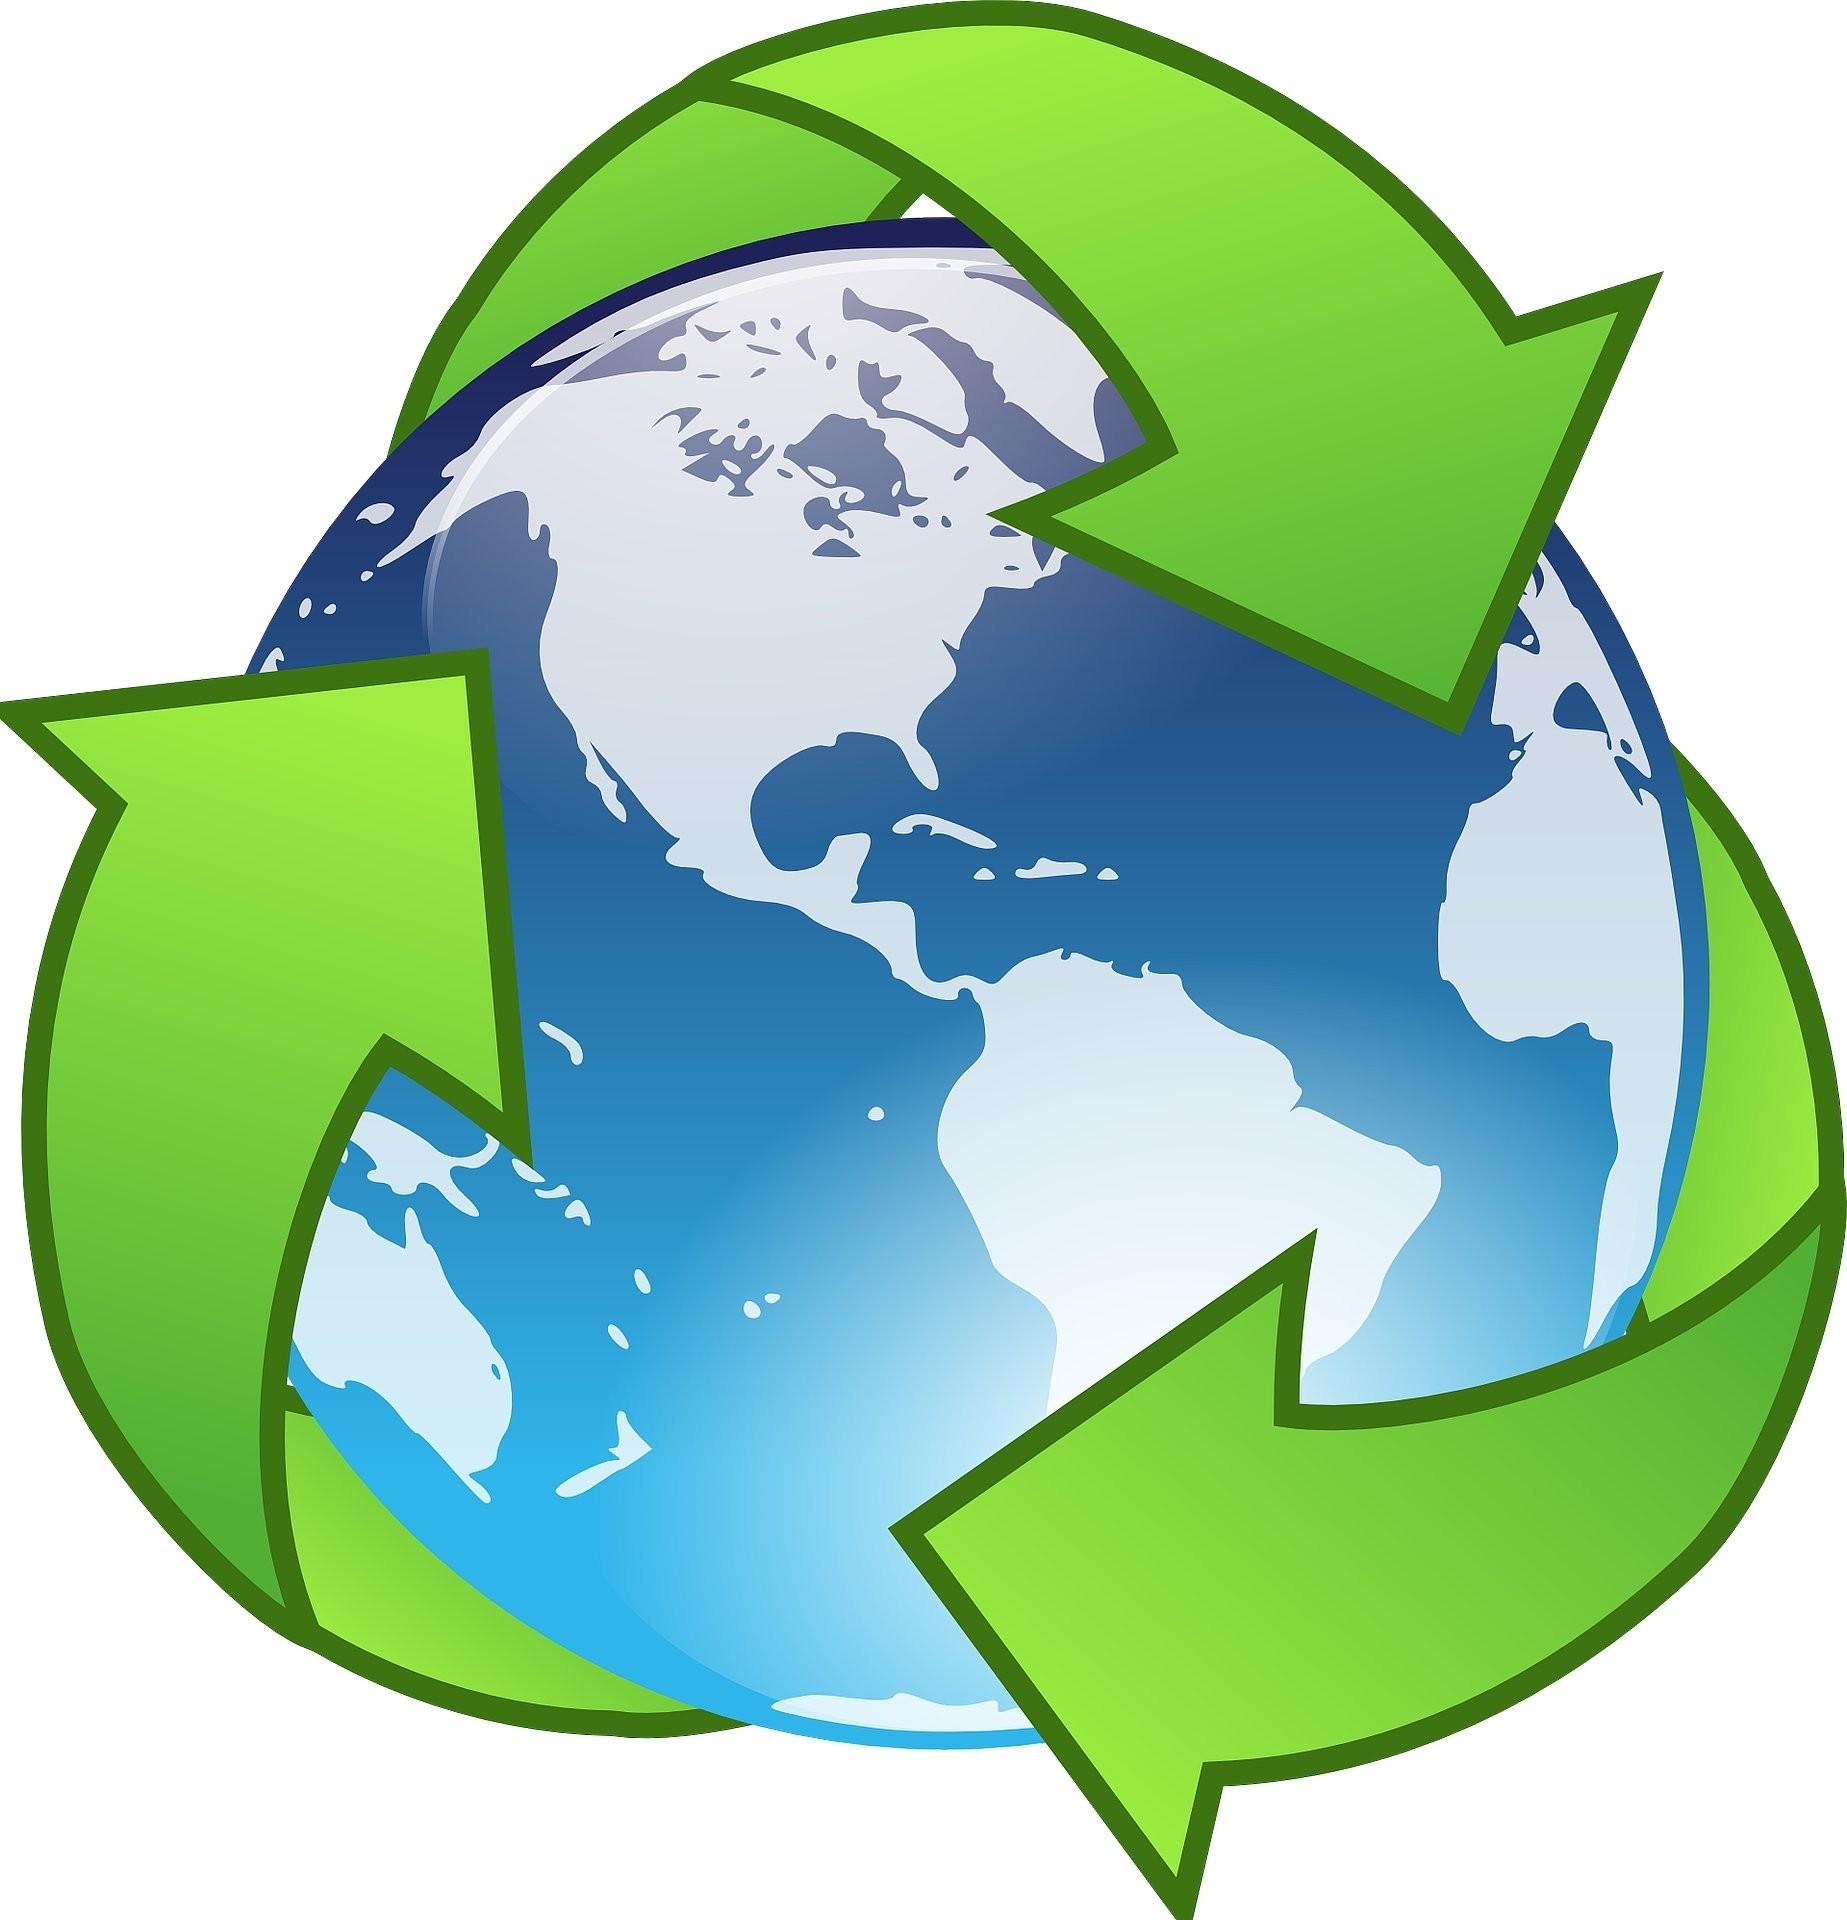 آیا بازیافت کردن به محیط زیست کمک میکند یا در واقع اتلاف وقت است؟